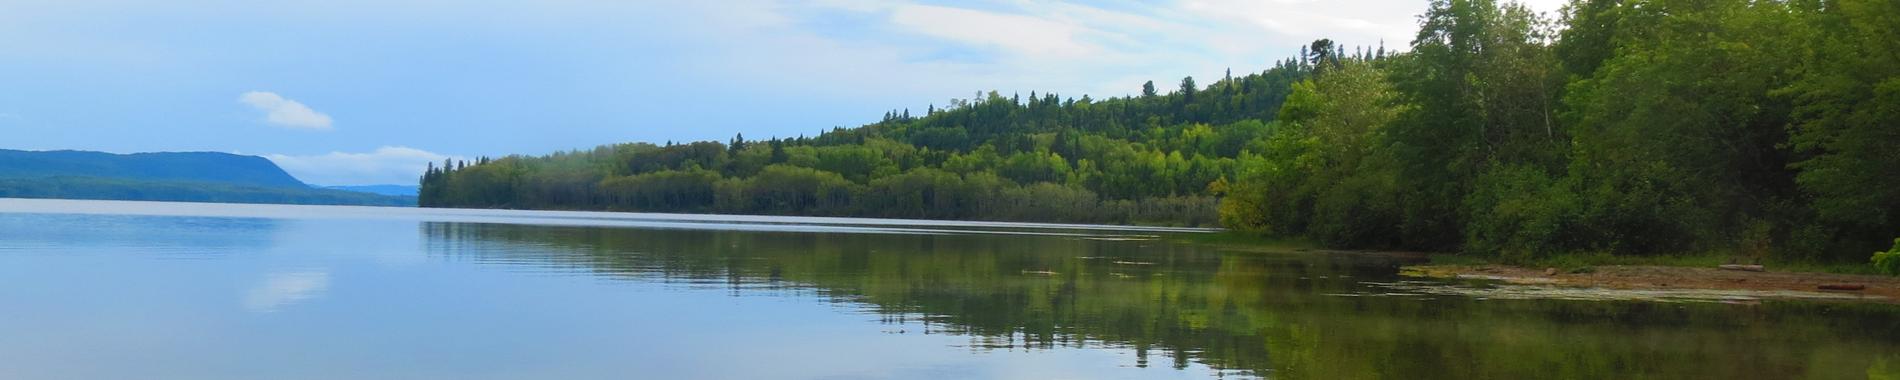 Éco-site de la tête du lac Témiscouata (Auteur : Éco-site de la tête du lac Témiscouata)